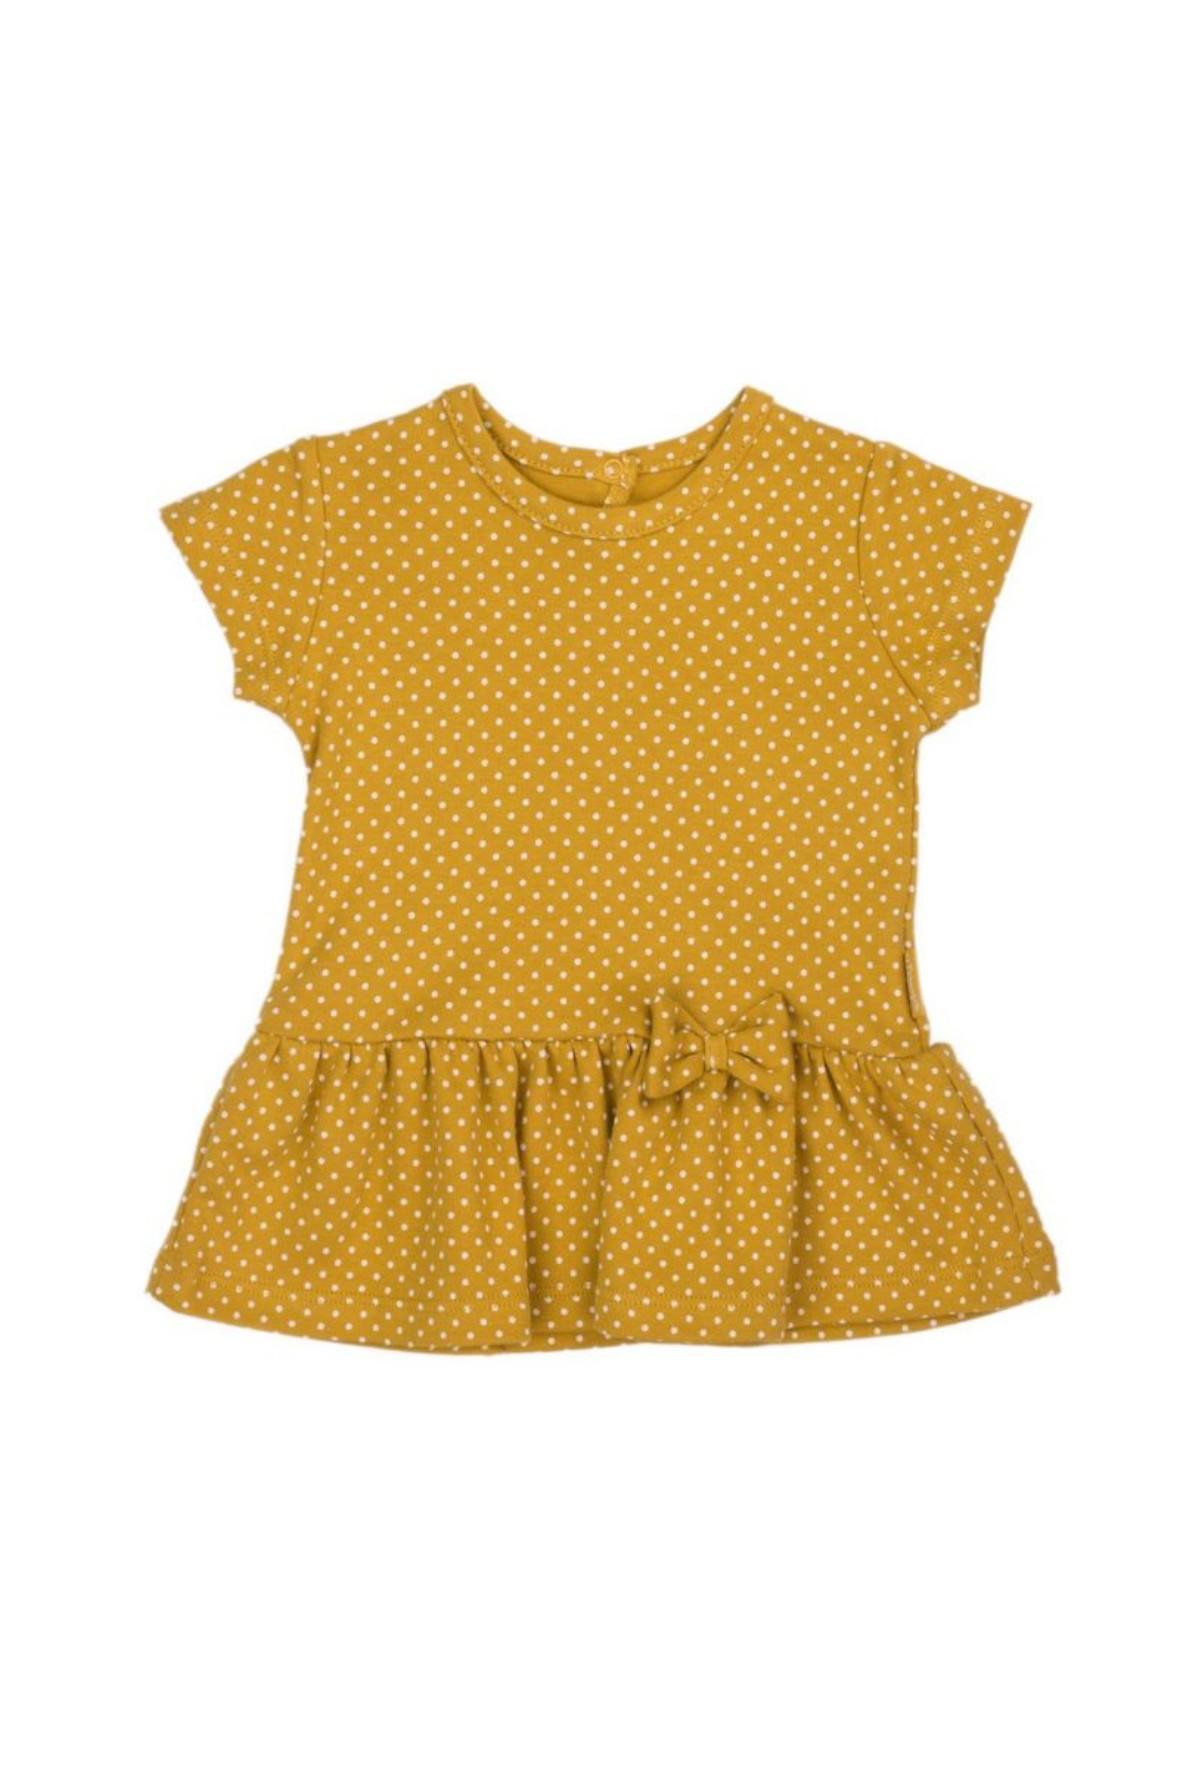 Koszulka dziewczęca z krótkim rękawem- musztardowa w kropki